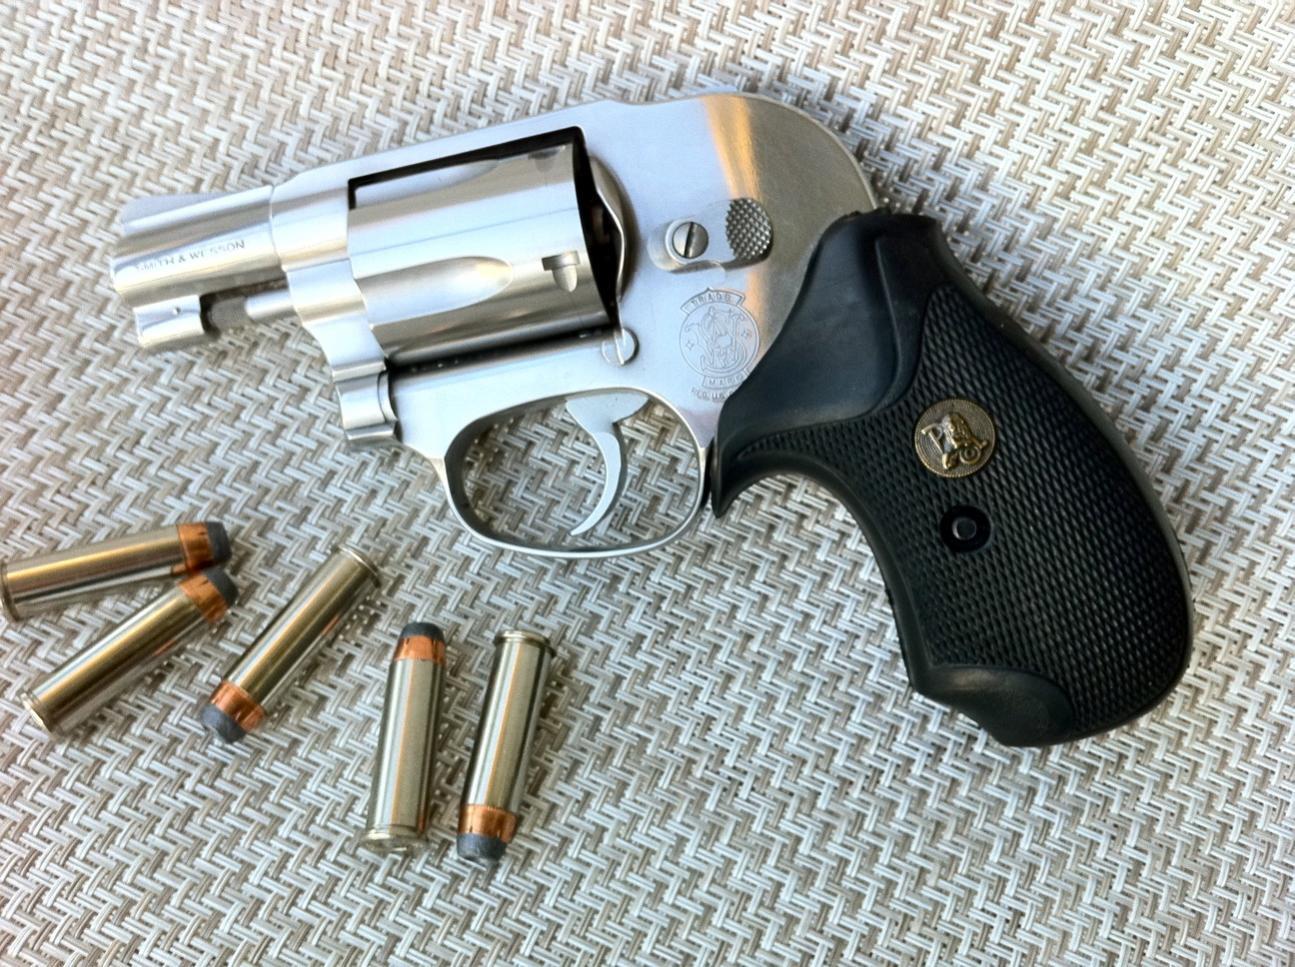 Fmj penetration handgun